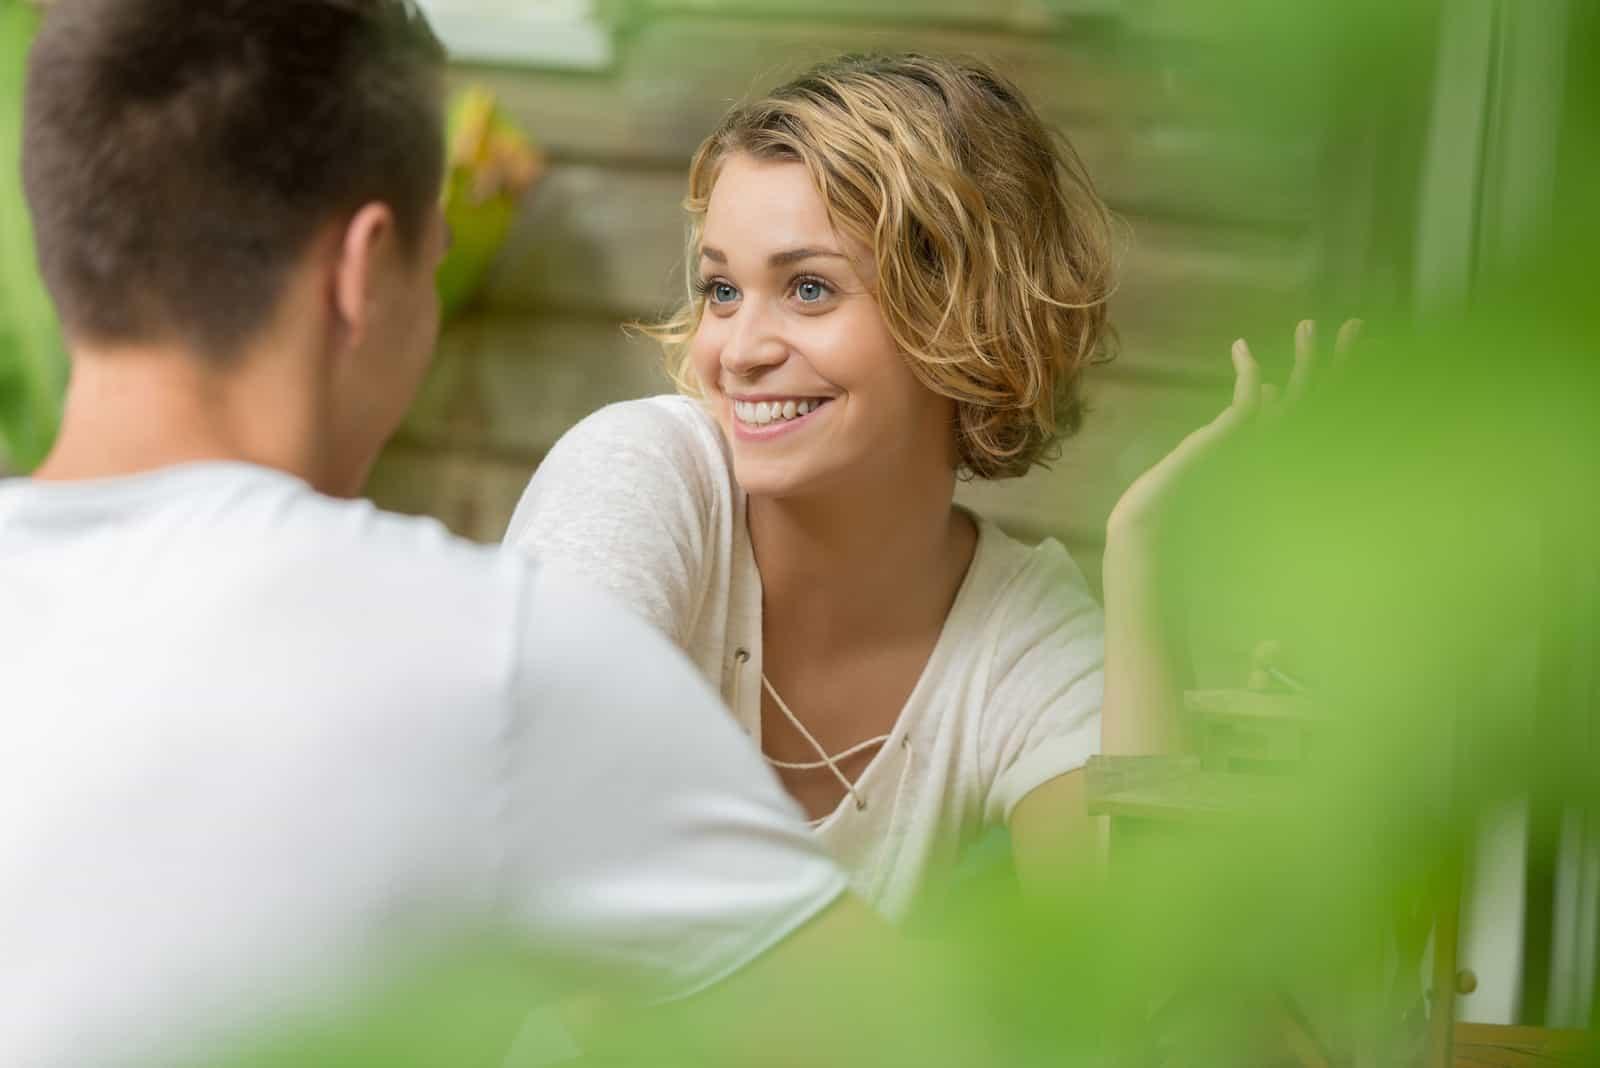 femme heureuse en haut blanc parler à l'homme